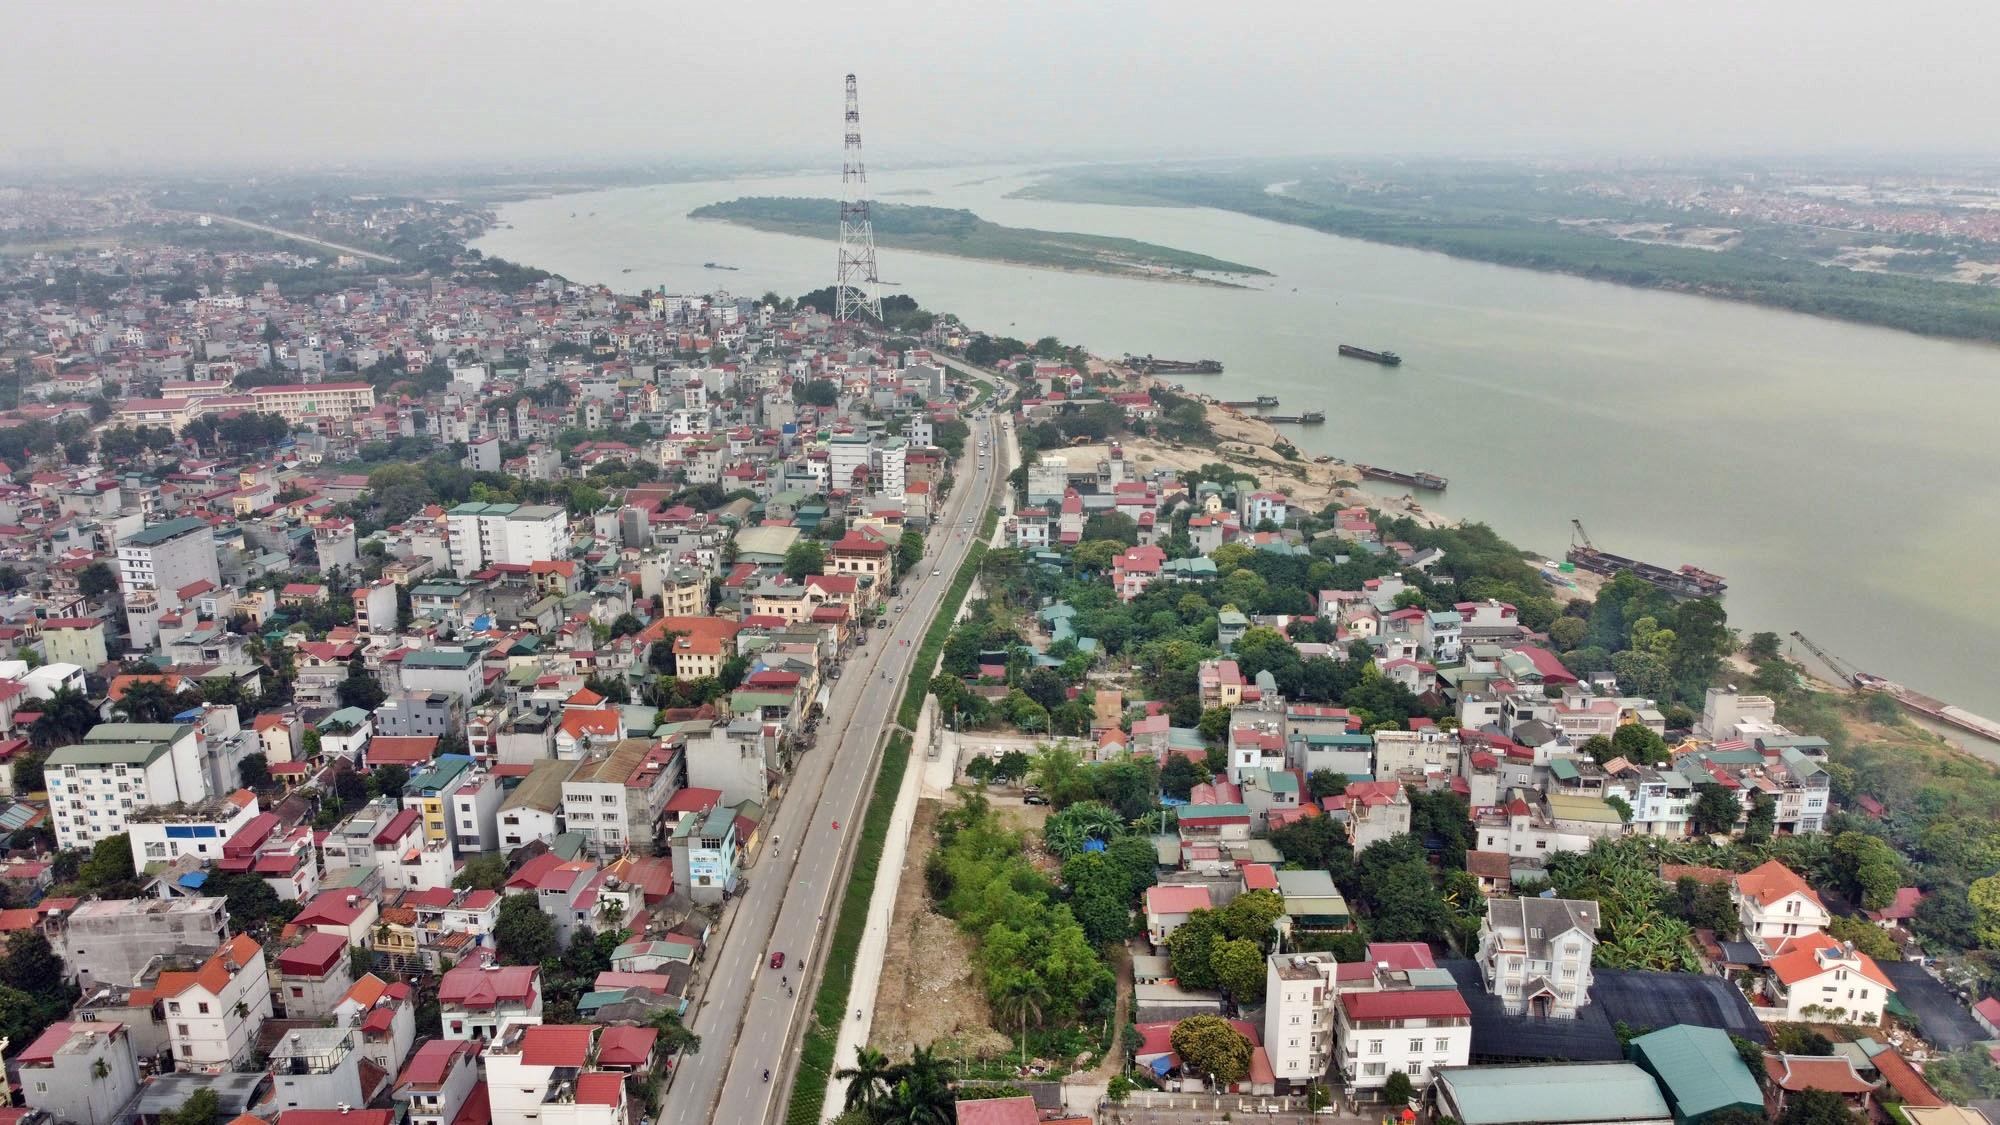 Toàn cảnh hiện trạng Phân khu đô thị sông Hồng trên địa bàn quận Bắc Từ Liêm - Ảnh 25.